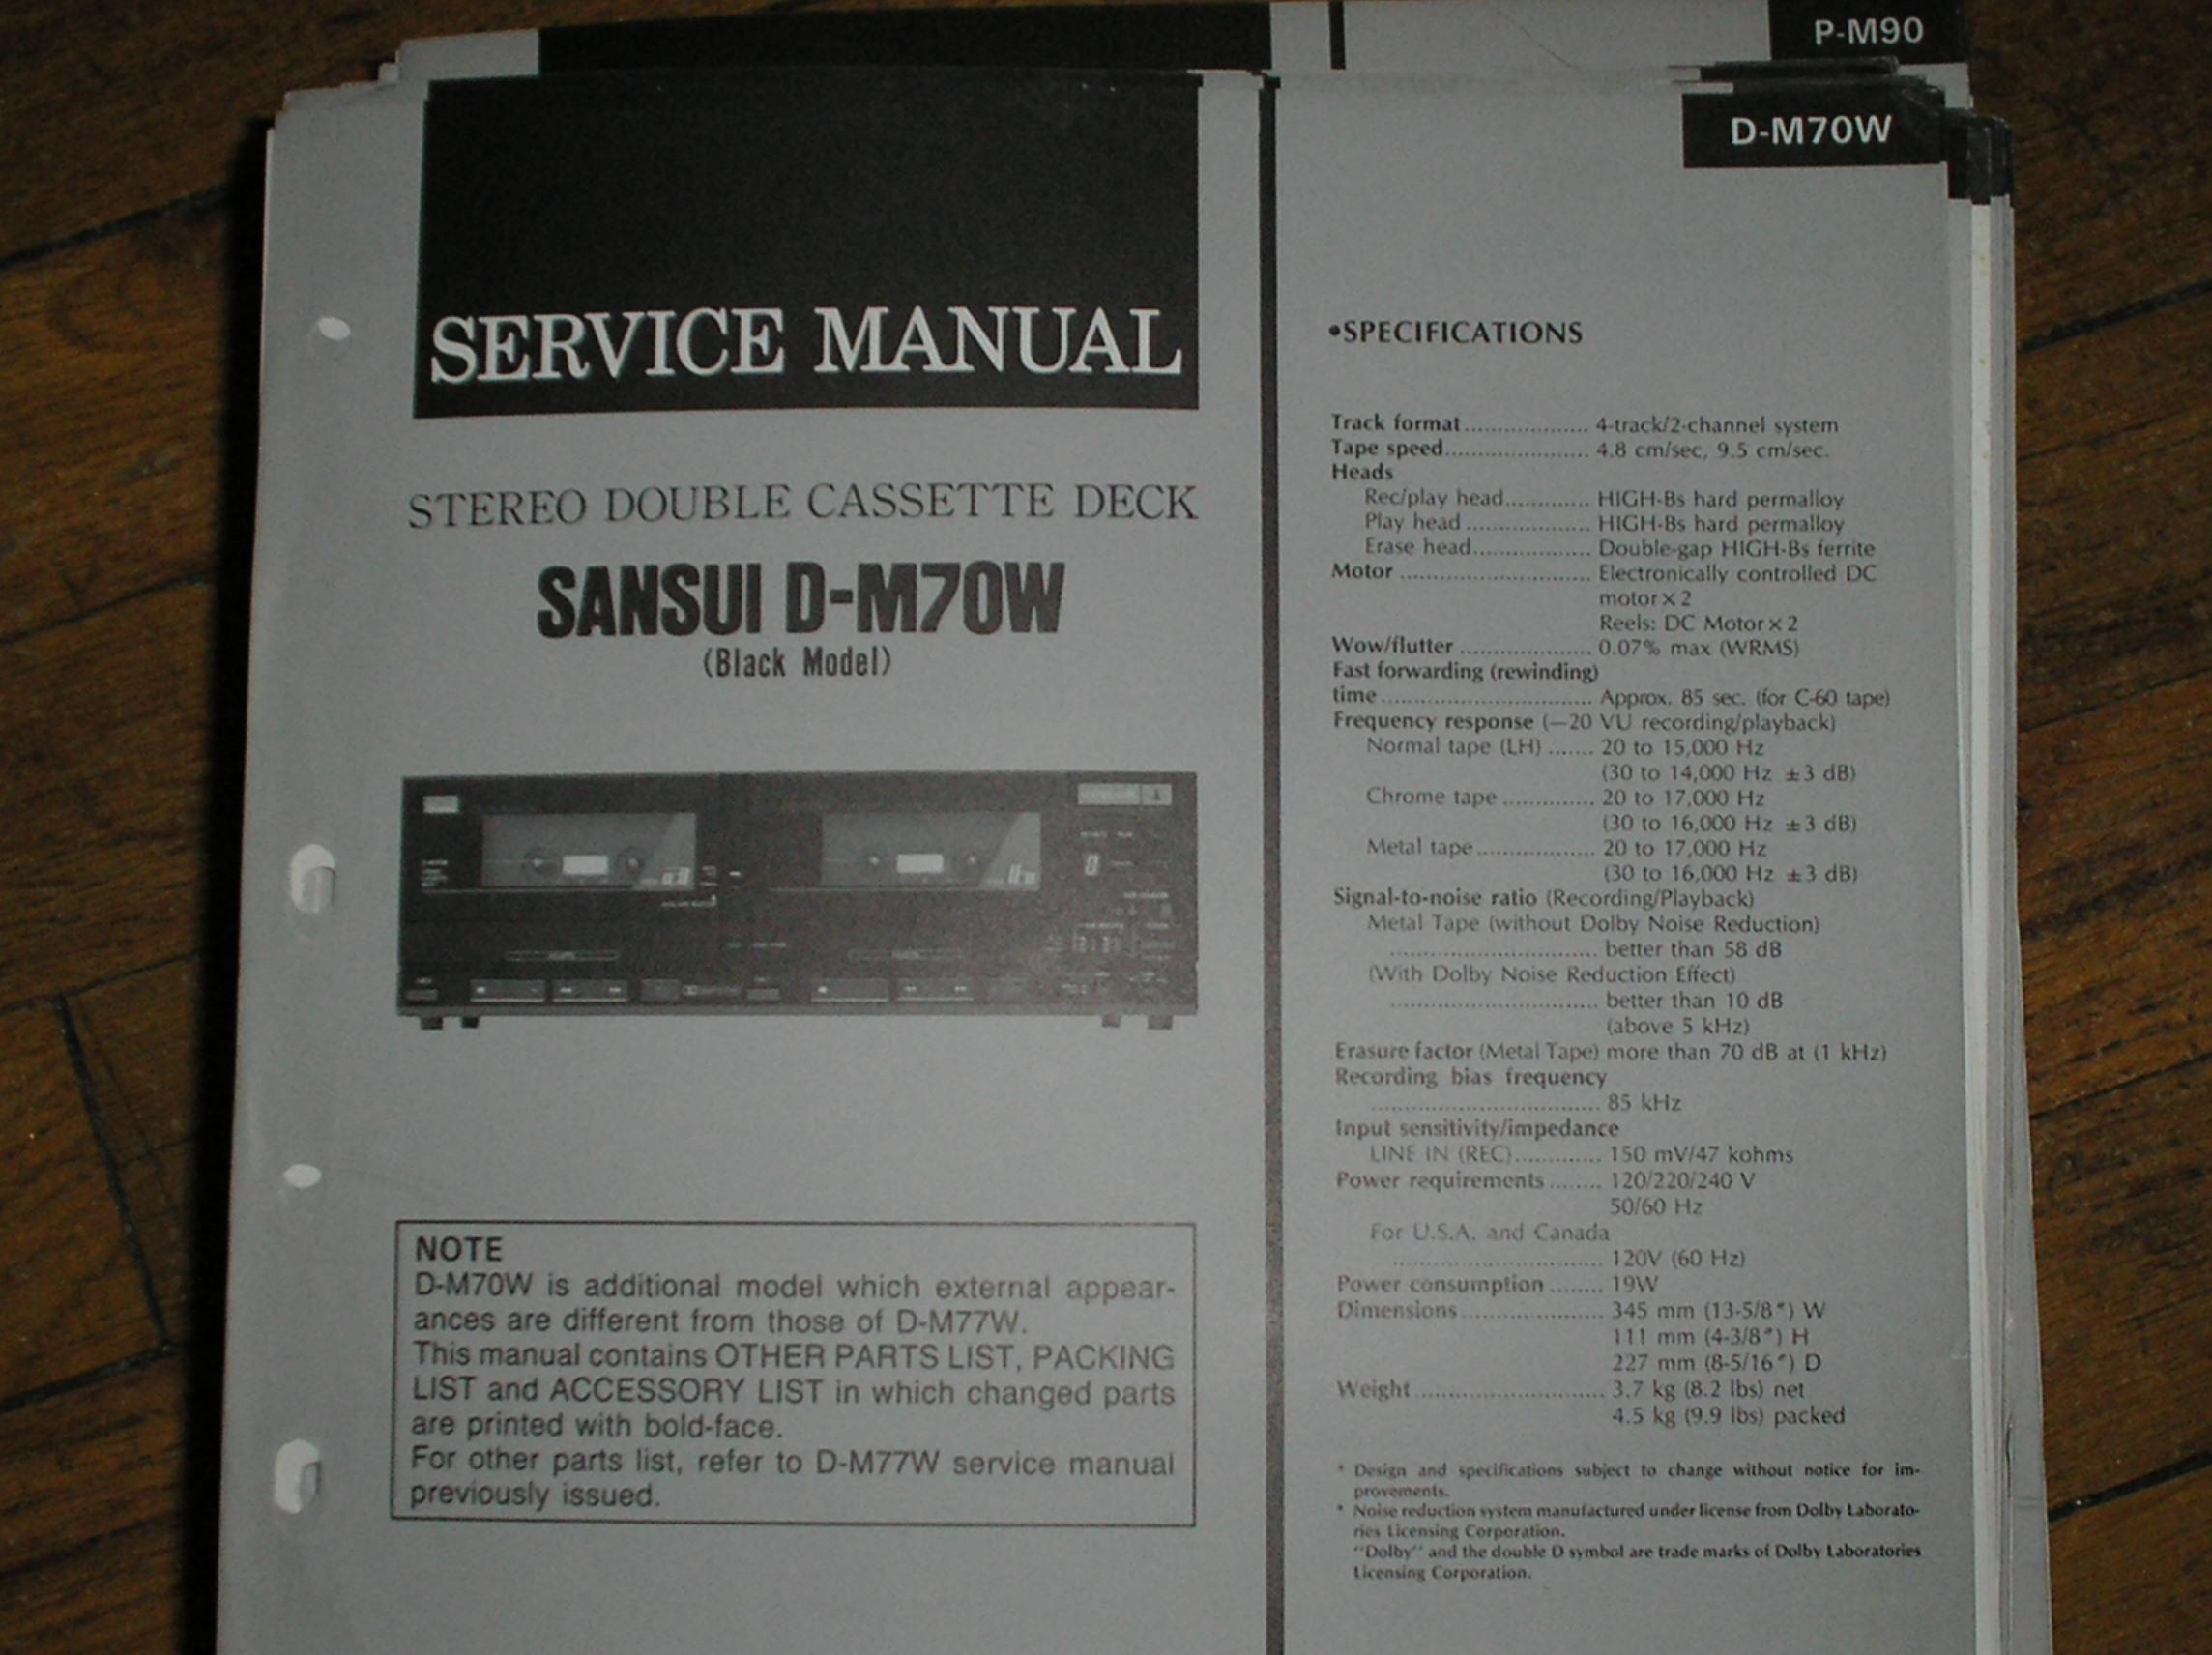 D-M70W Cassette Deck Service Manual